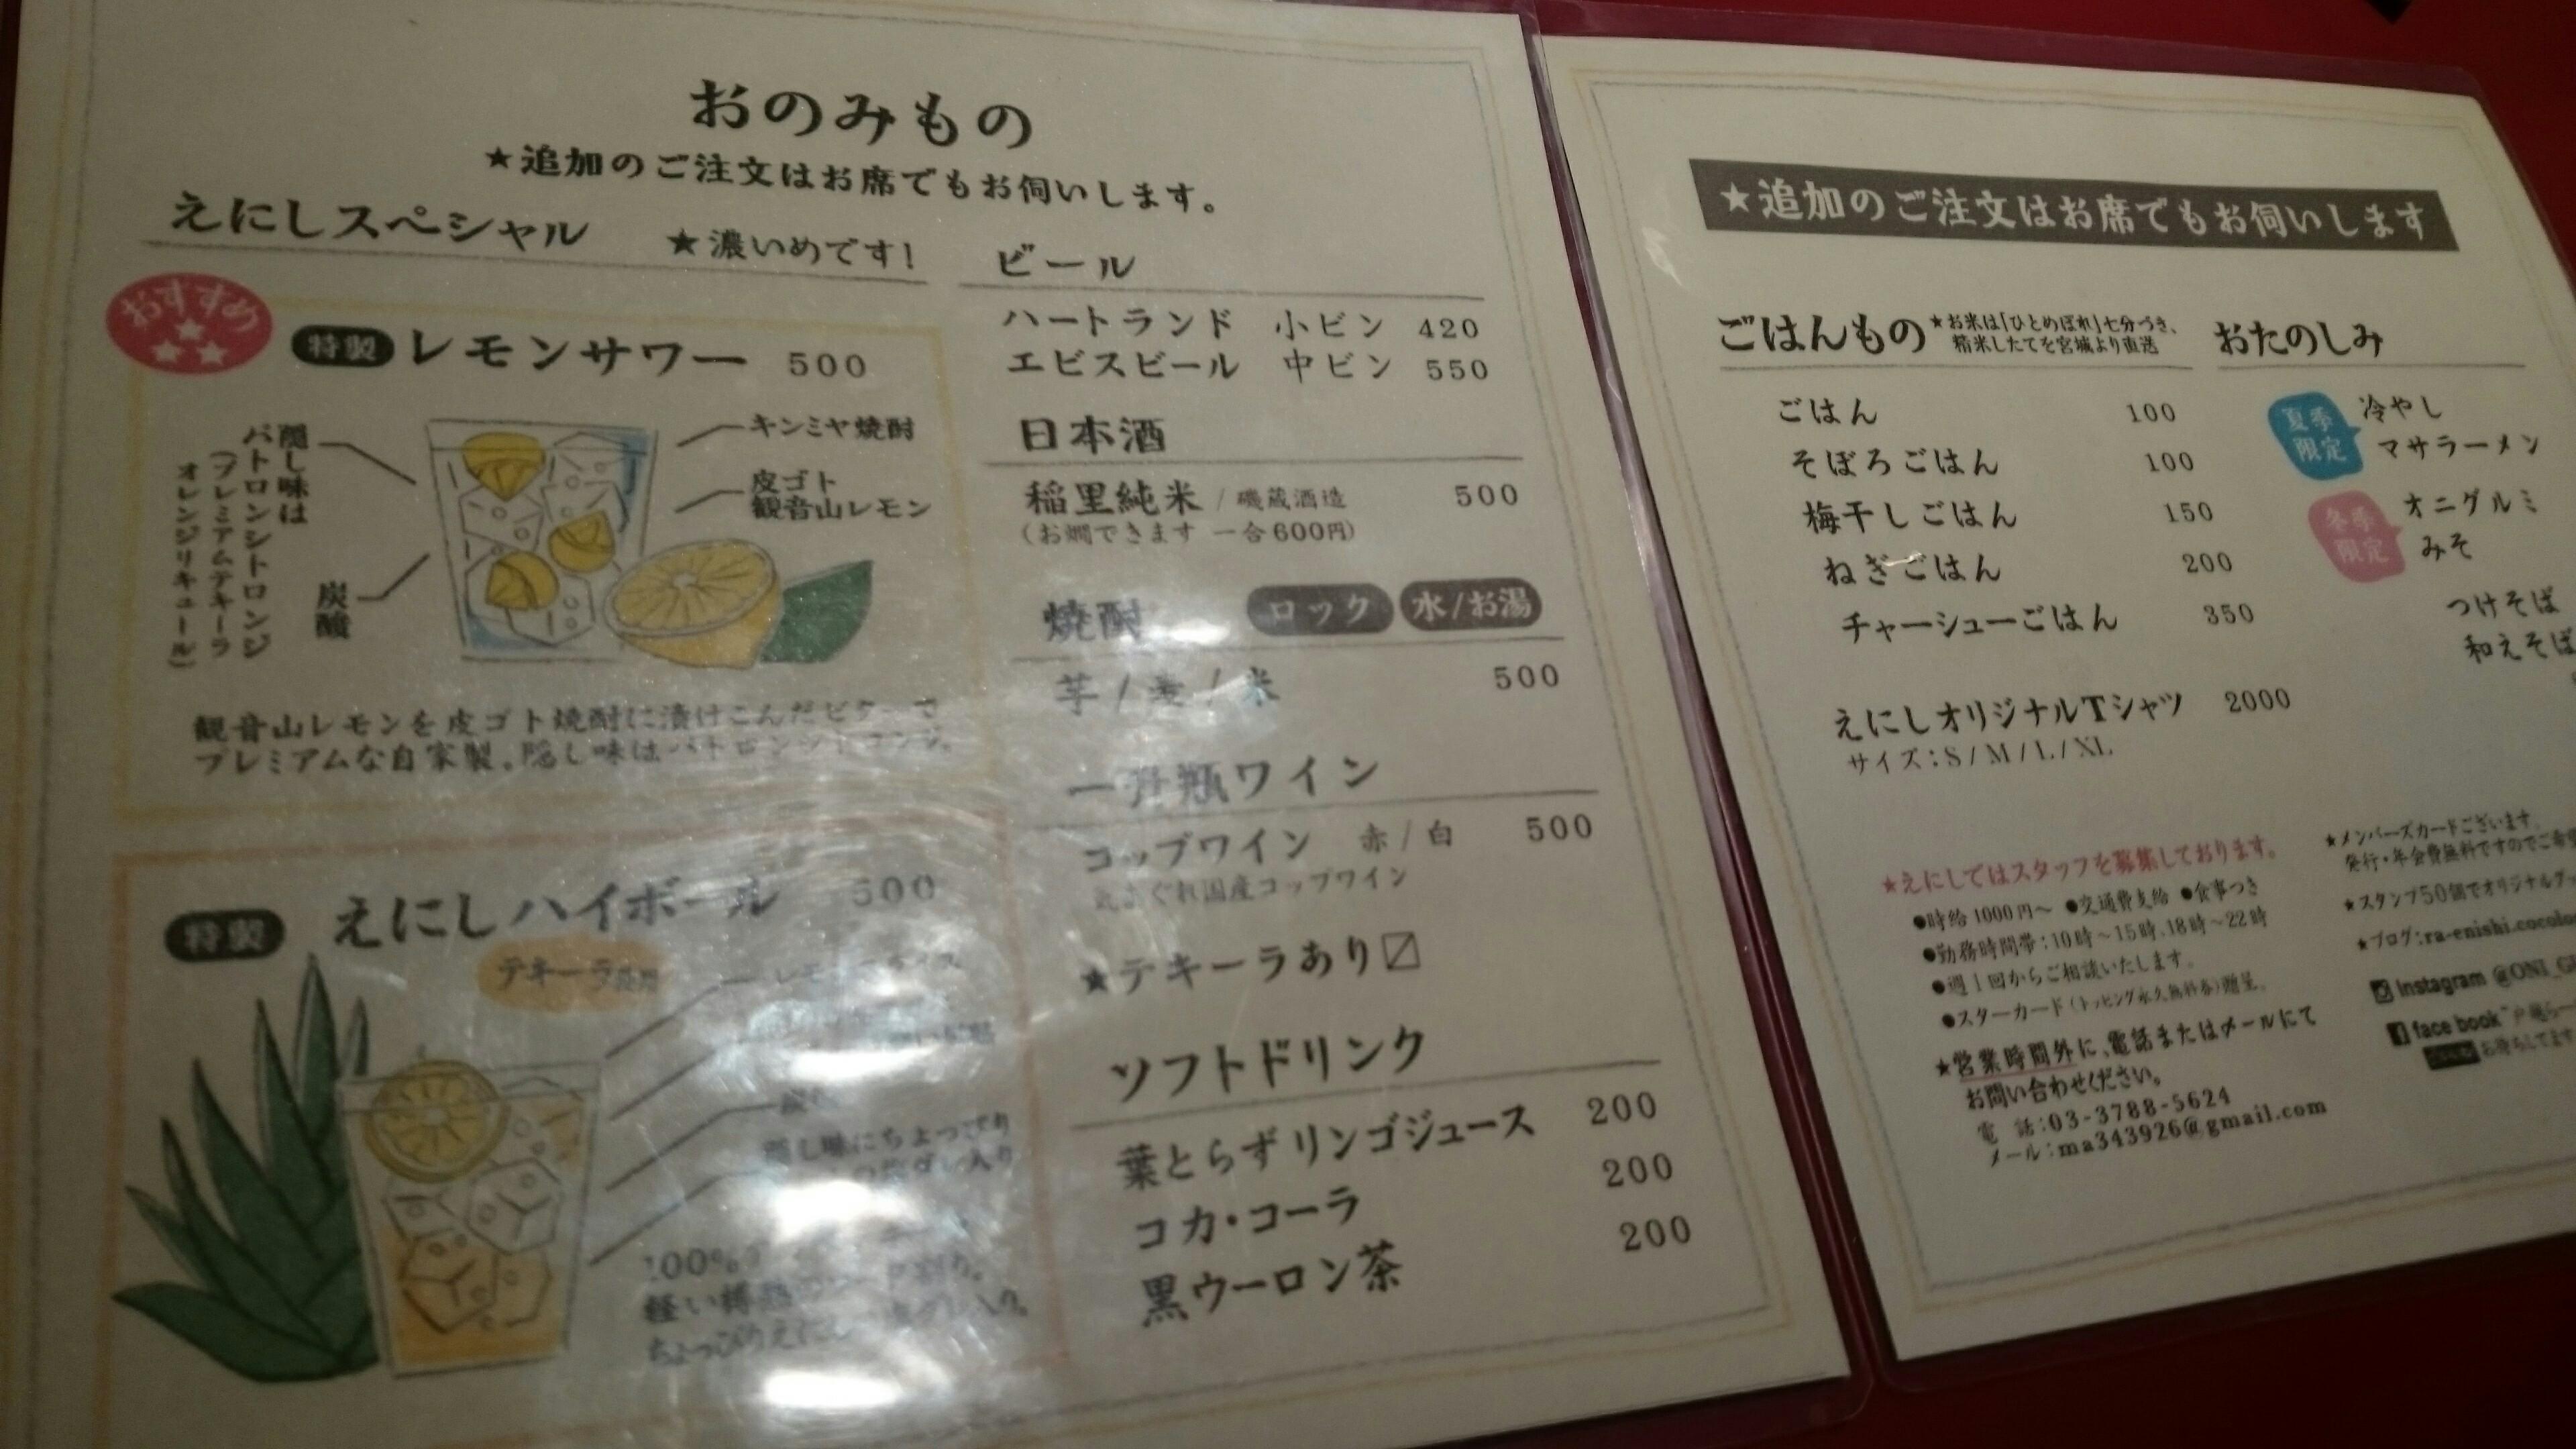 f:id:shiika-0620:20171118094521j:plain